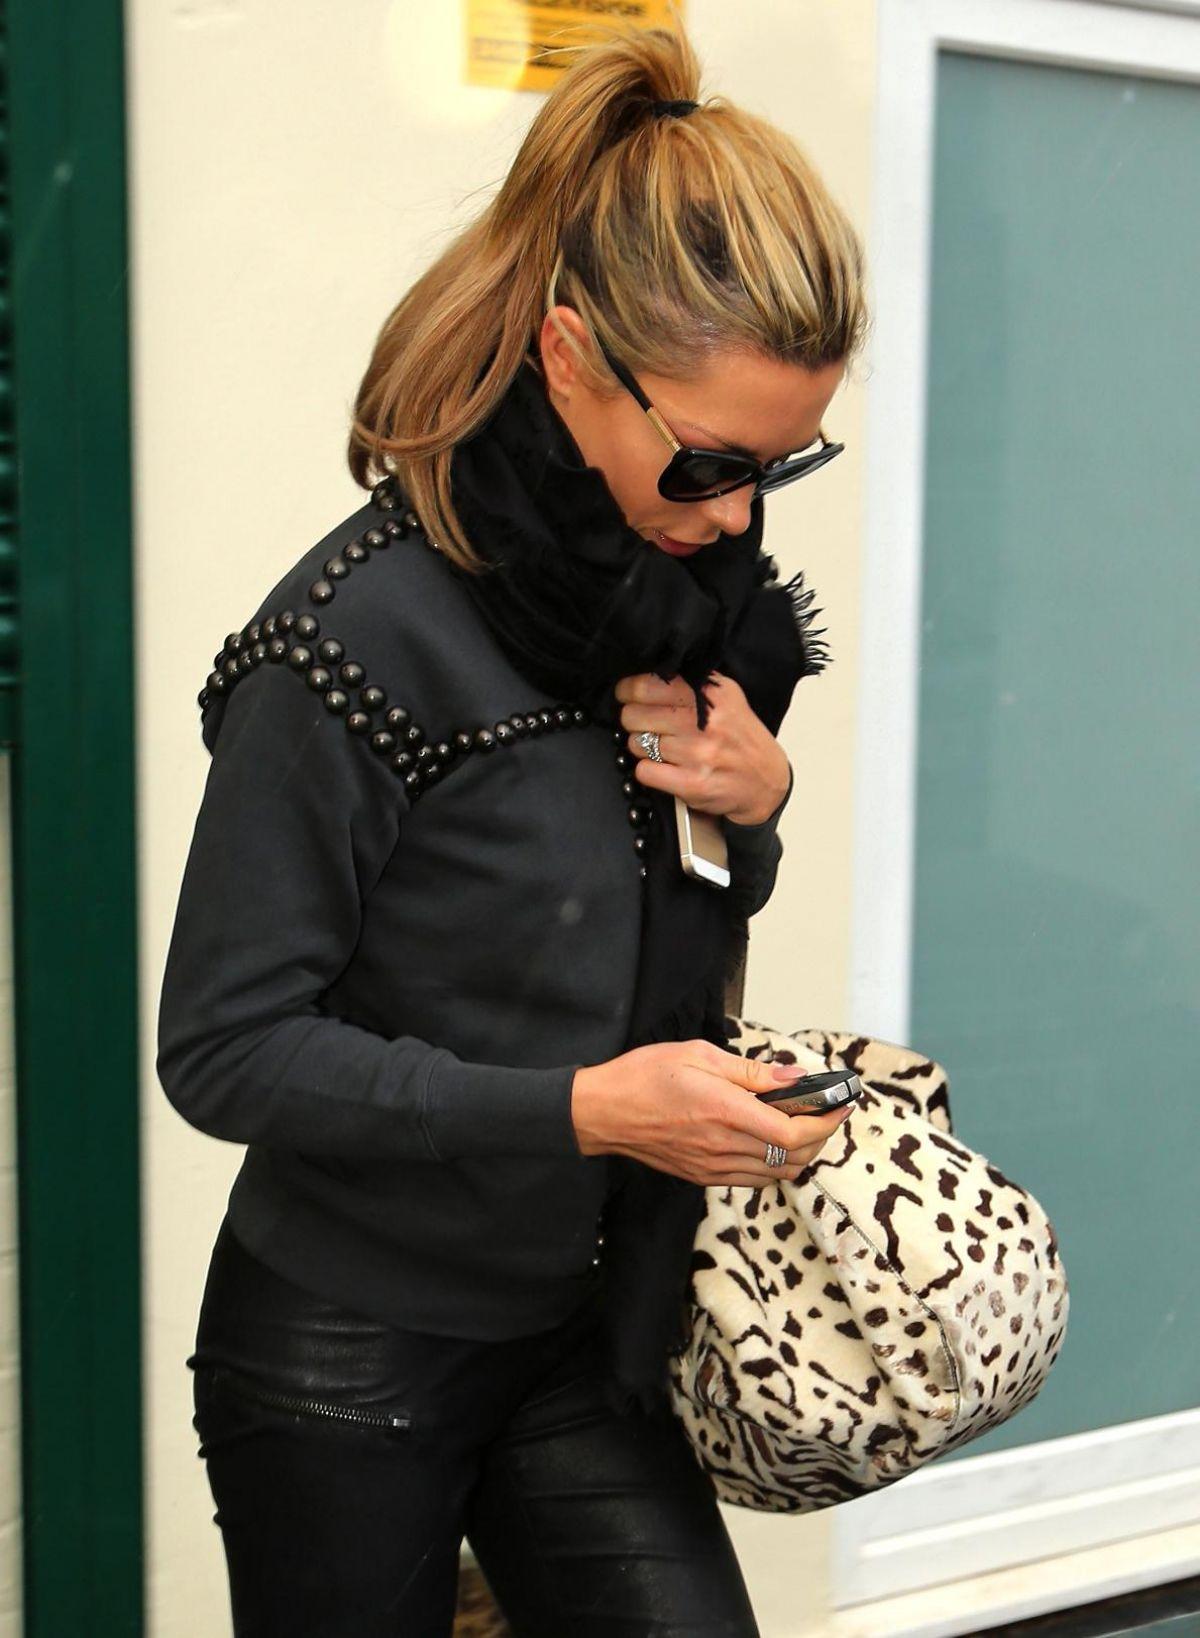 ABIGAIL ABBEY CLANCY Leaving a Beauty Salon in Liverpool